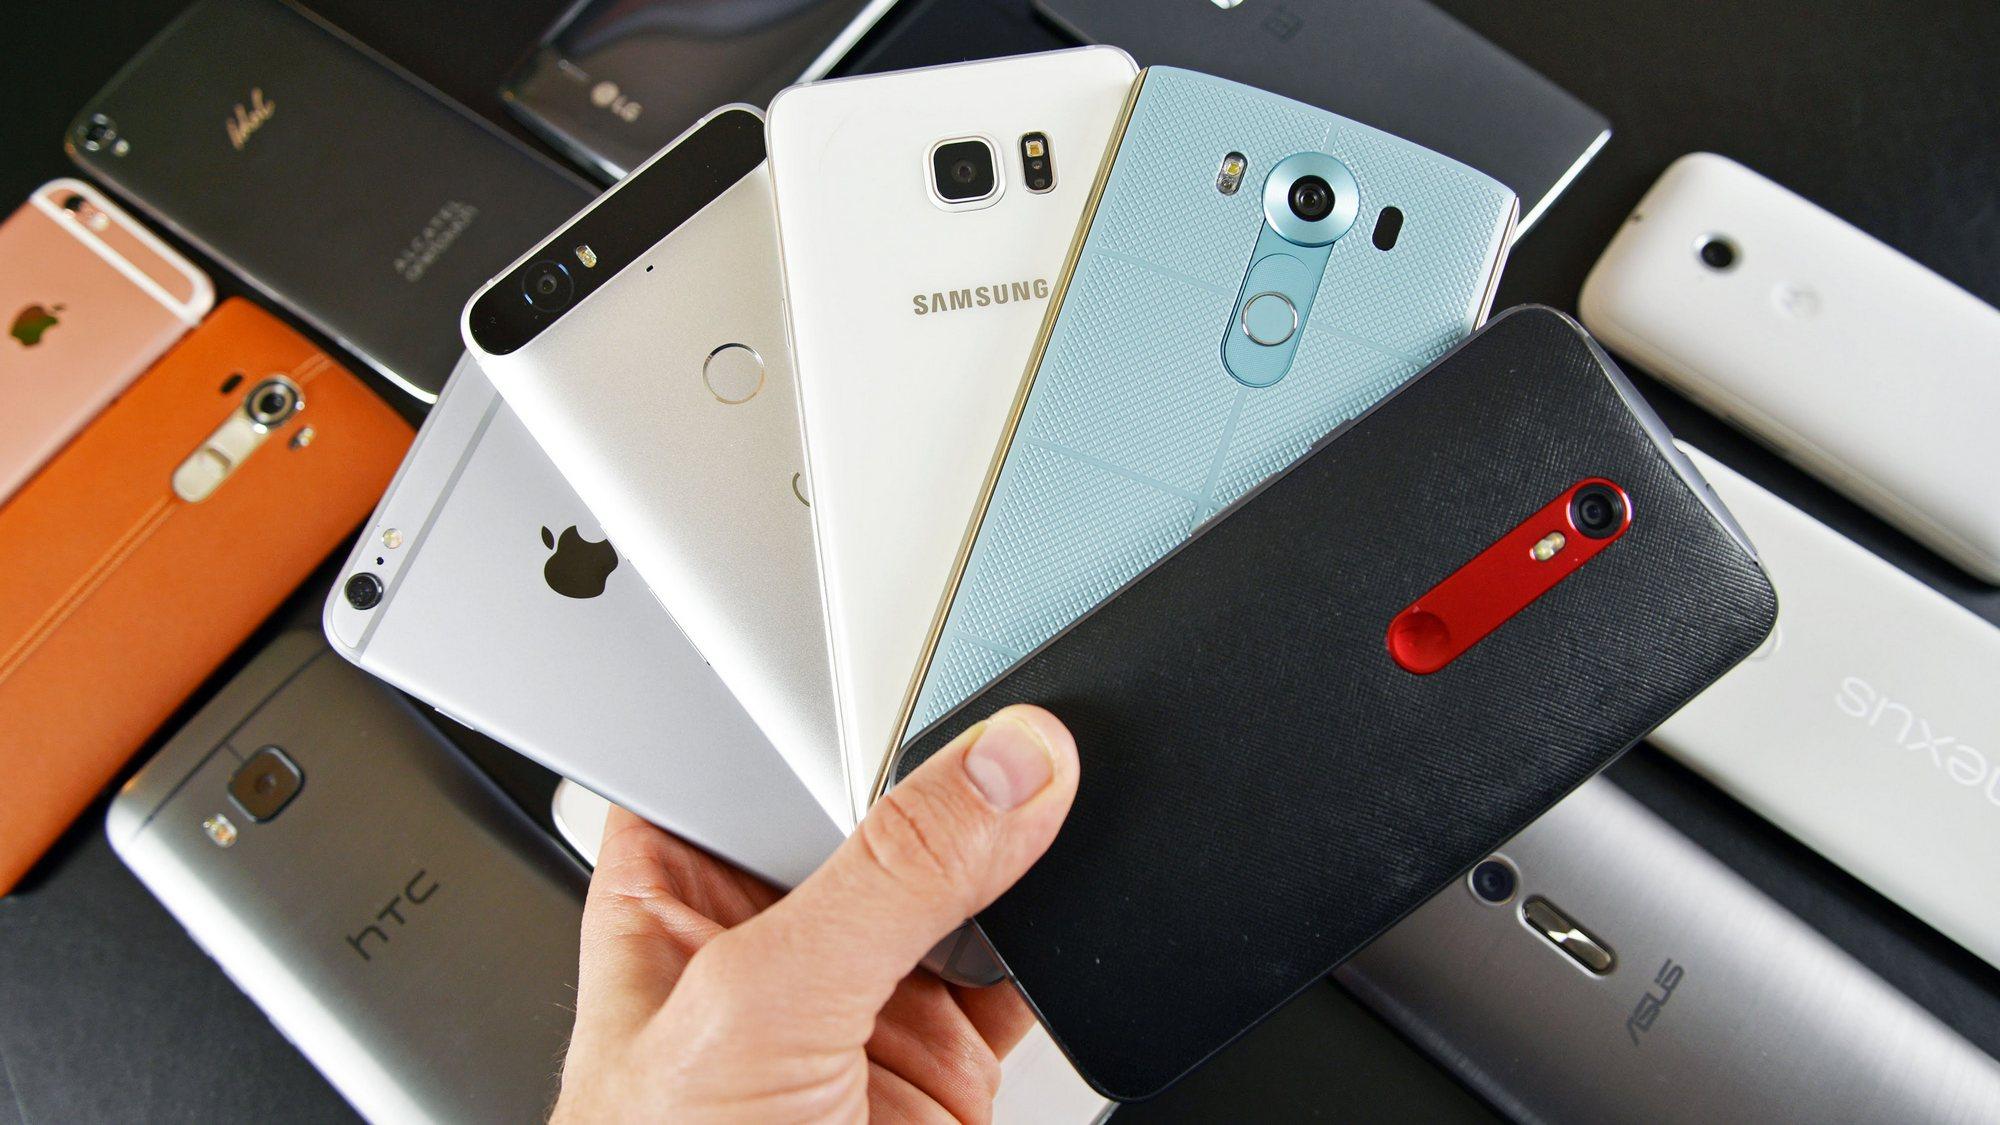 cb8c53af0ce9f GfK Ukraine: В 2018 году украинцы потратили 30 млрд гривен на мобильные  телефоны, ежедневно